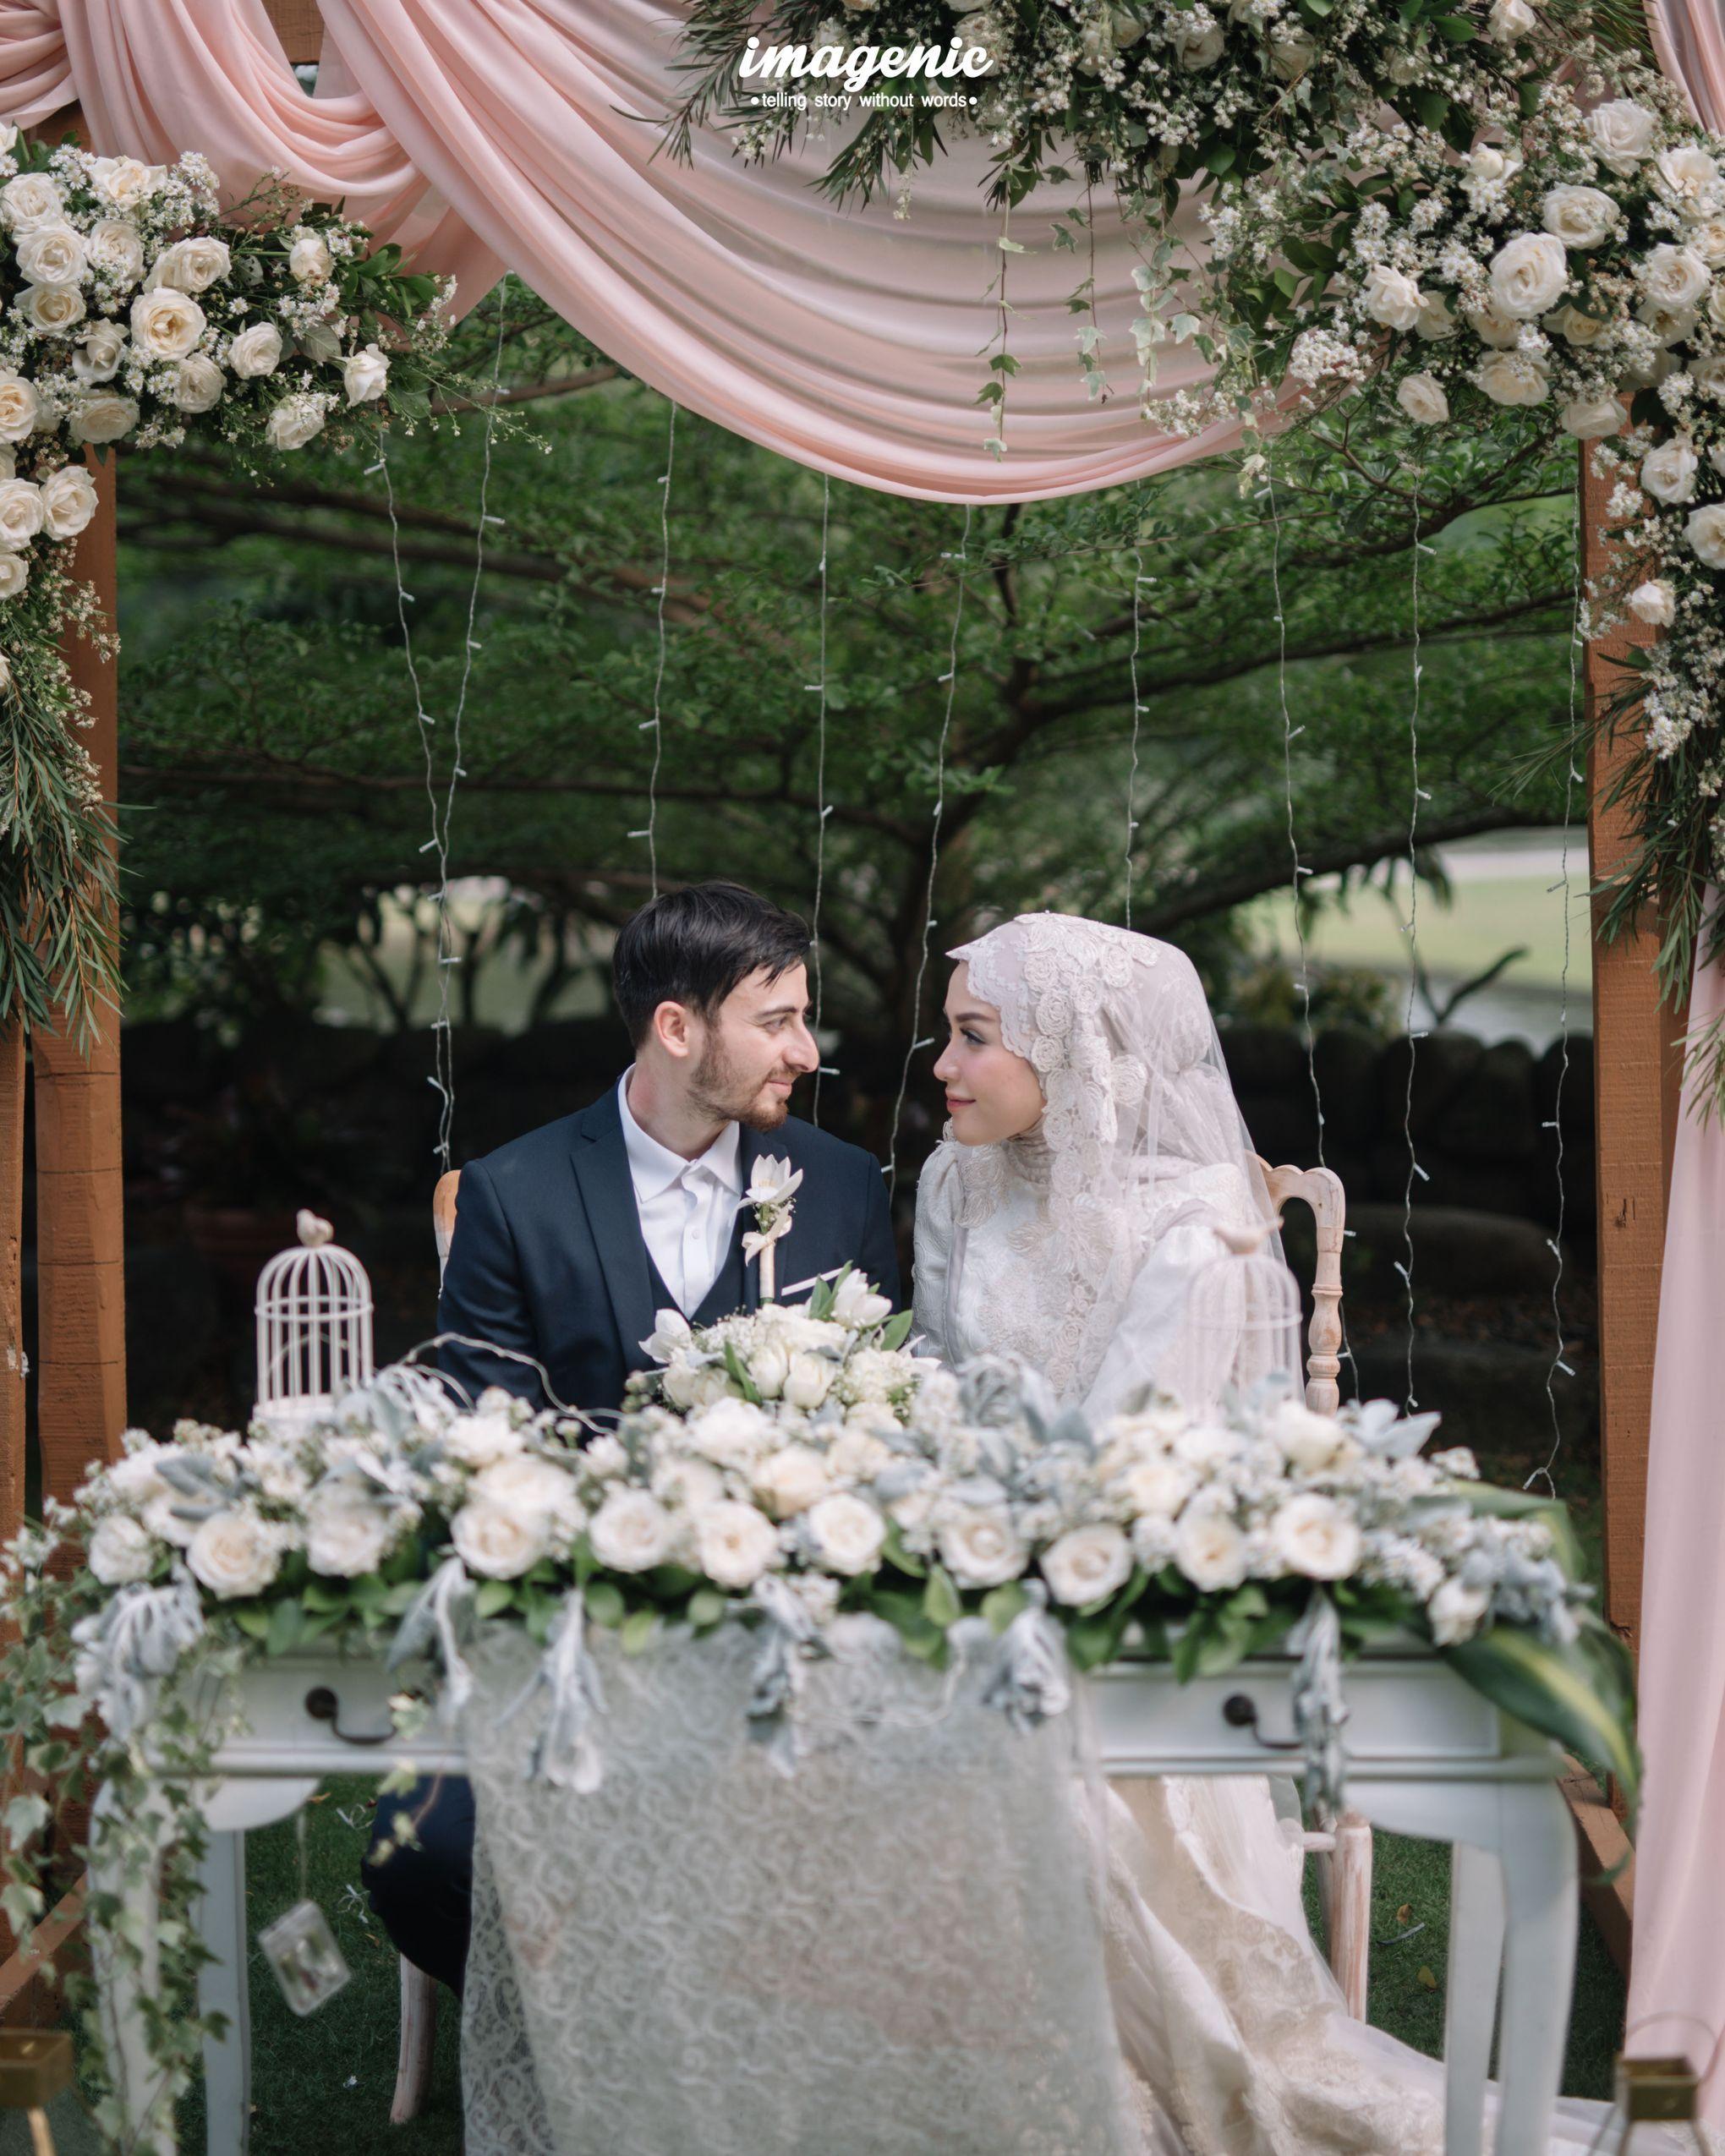 Wedding Farhad And Hamidah By Imagenic 022 Pernikahan Foto Perkawinan Perkawinan Sederhana